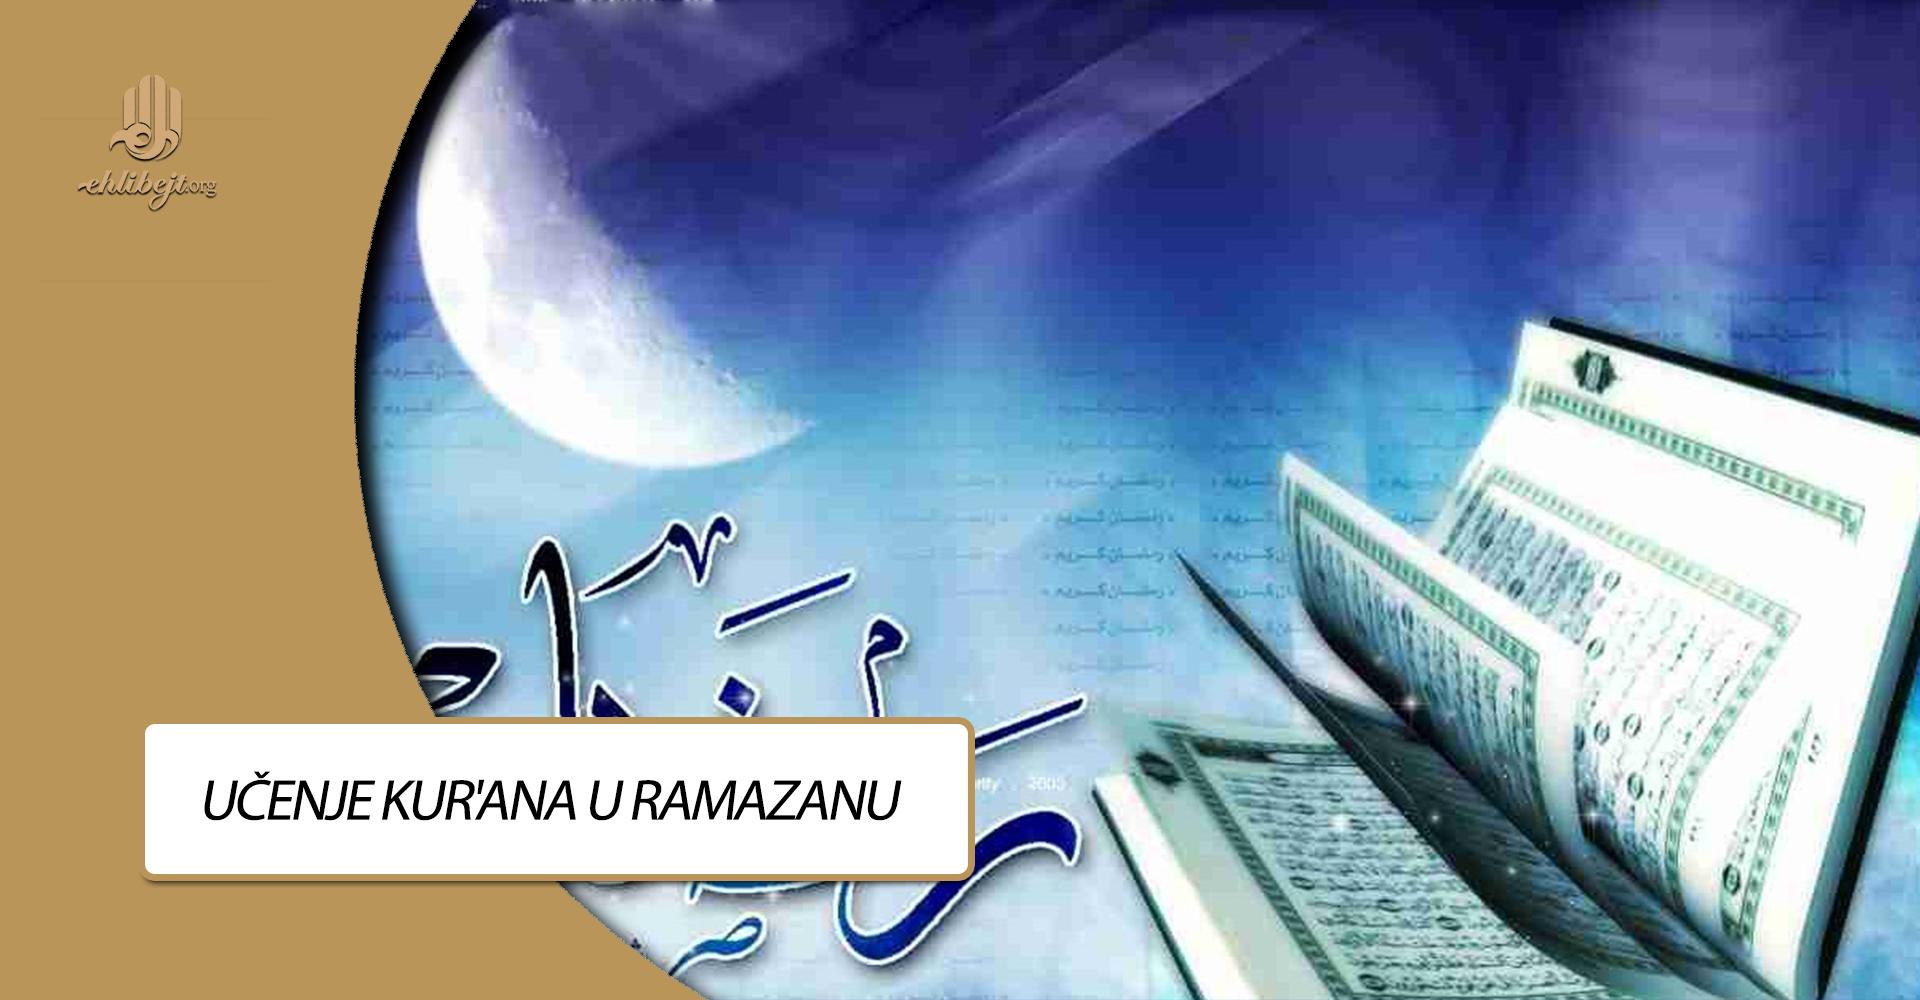 Učenje Kur'ana u ramazanu